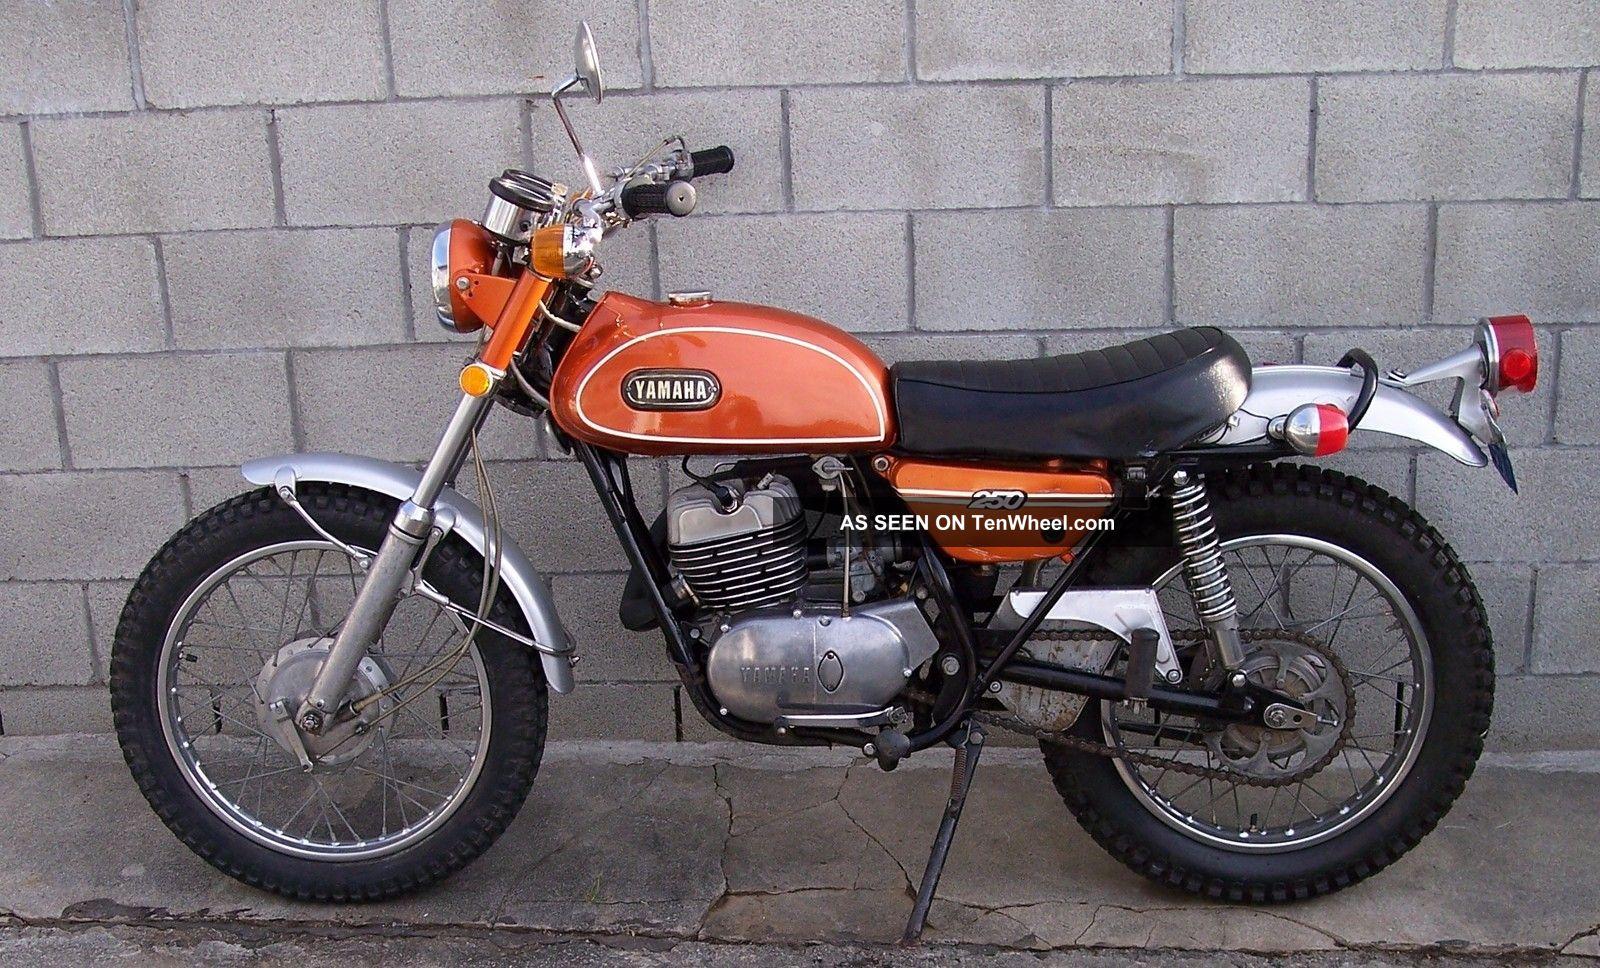 1971 Yamaha 250 Enduro Dt1